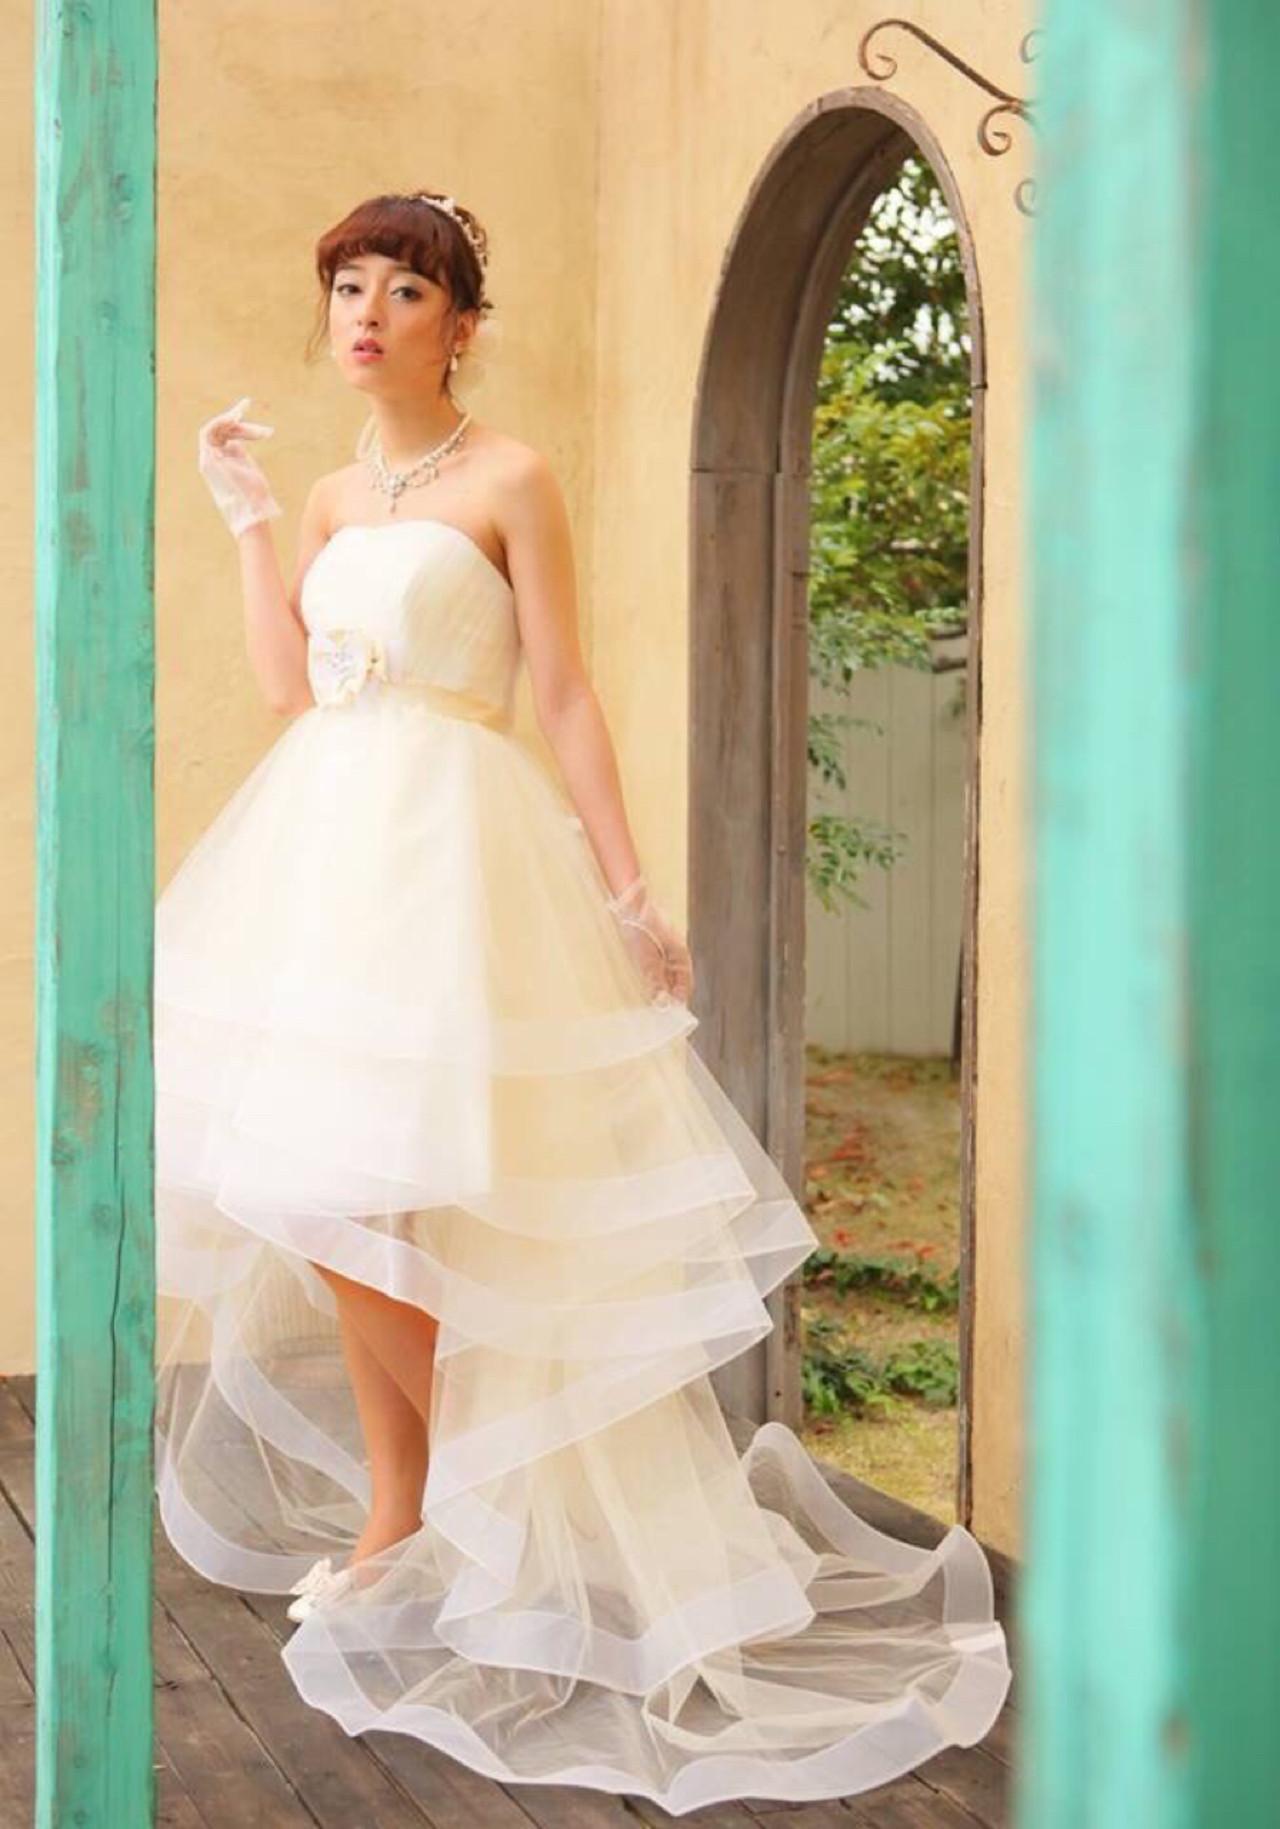 セミロング ブライダル フェミニン ヘアアレンジ ヘアスタイルや髪型の写真・画像 | ひろせ さきか /